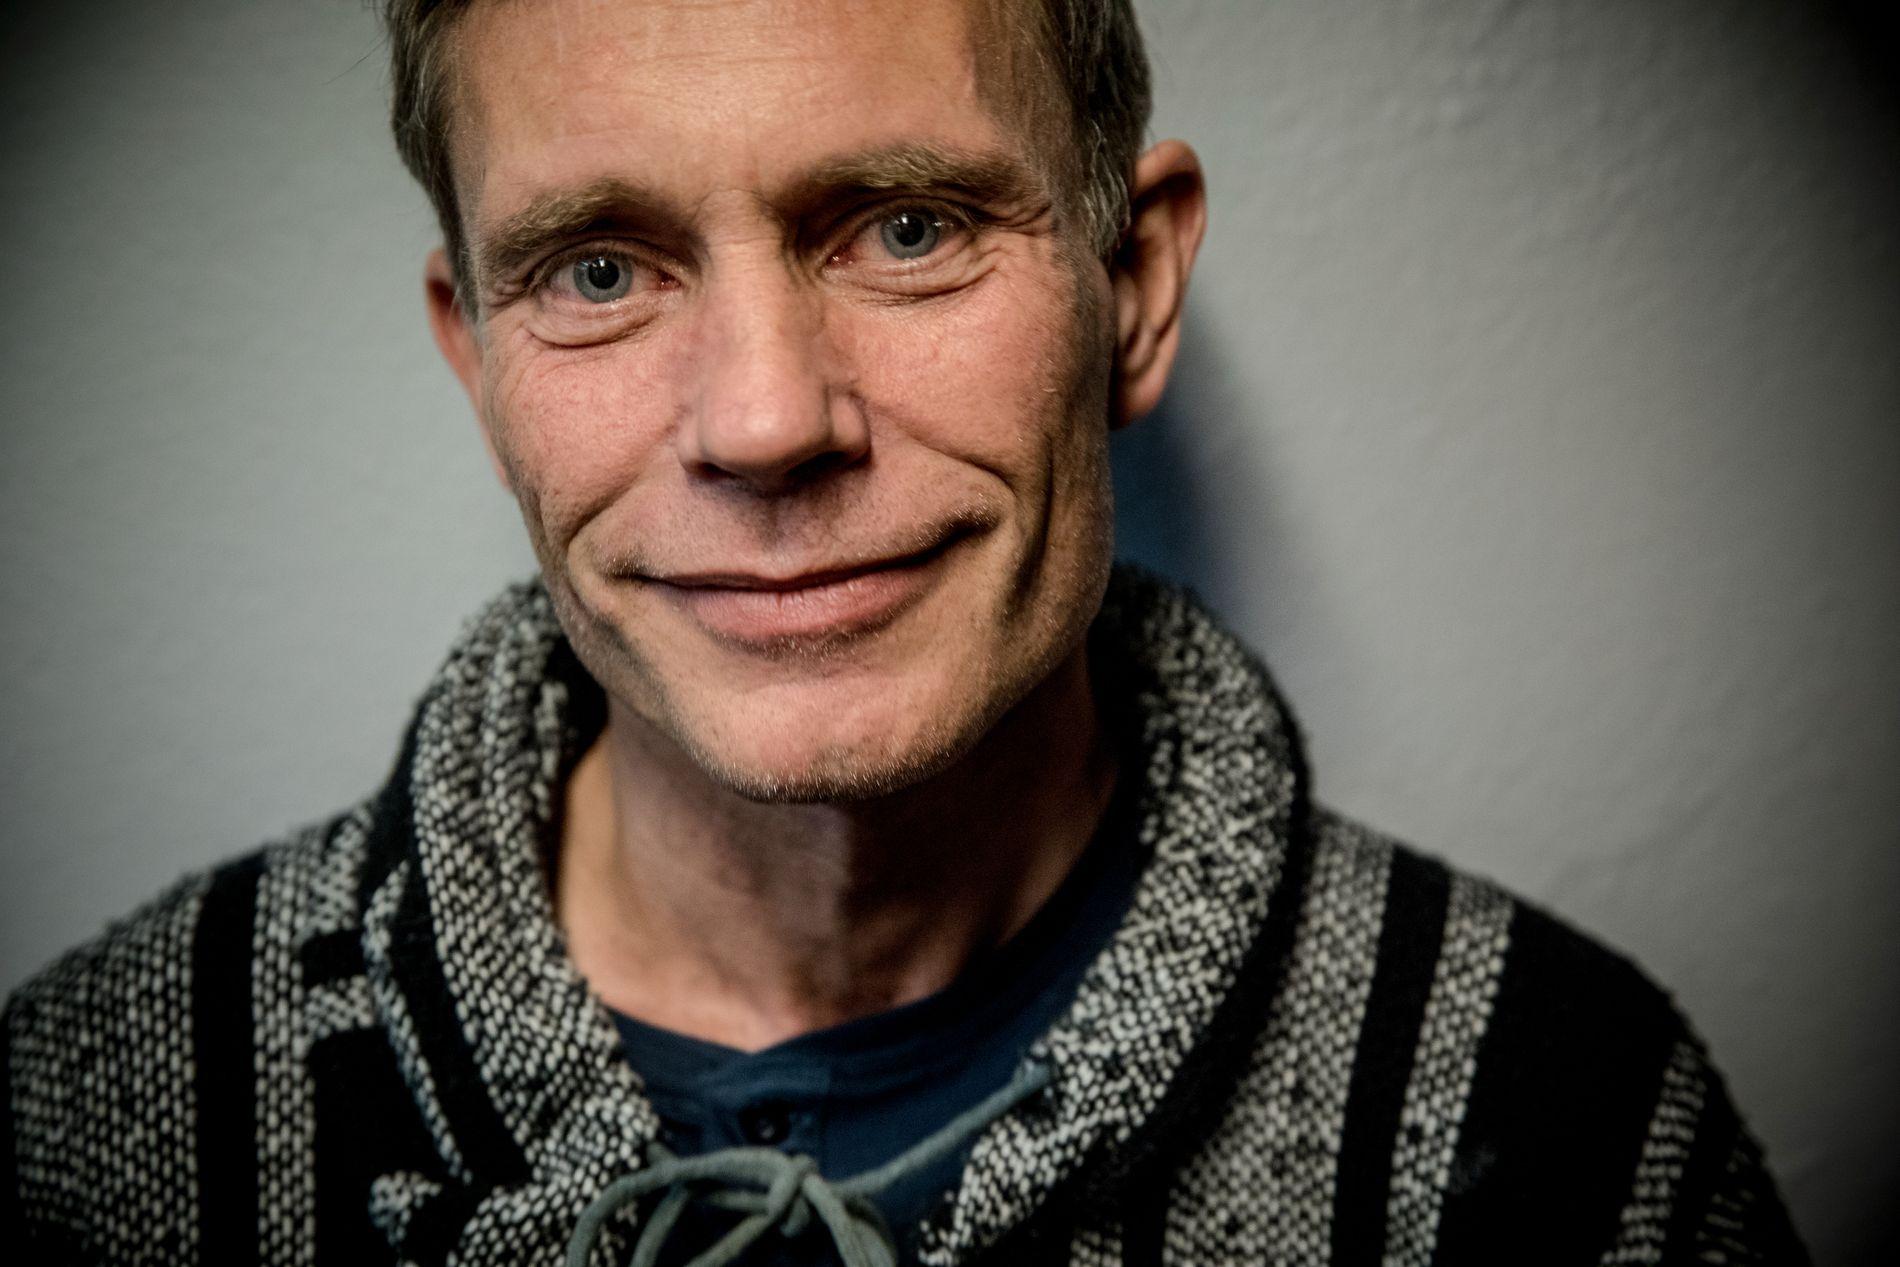 REFORM-GLEDE: Arild Knutsen gleder seg over utviklingen i ruspolitikken.